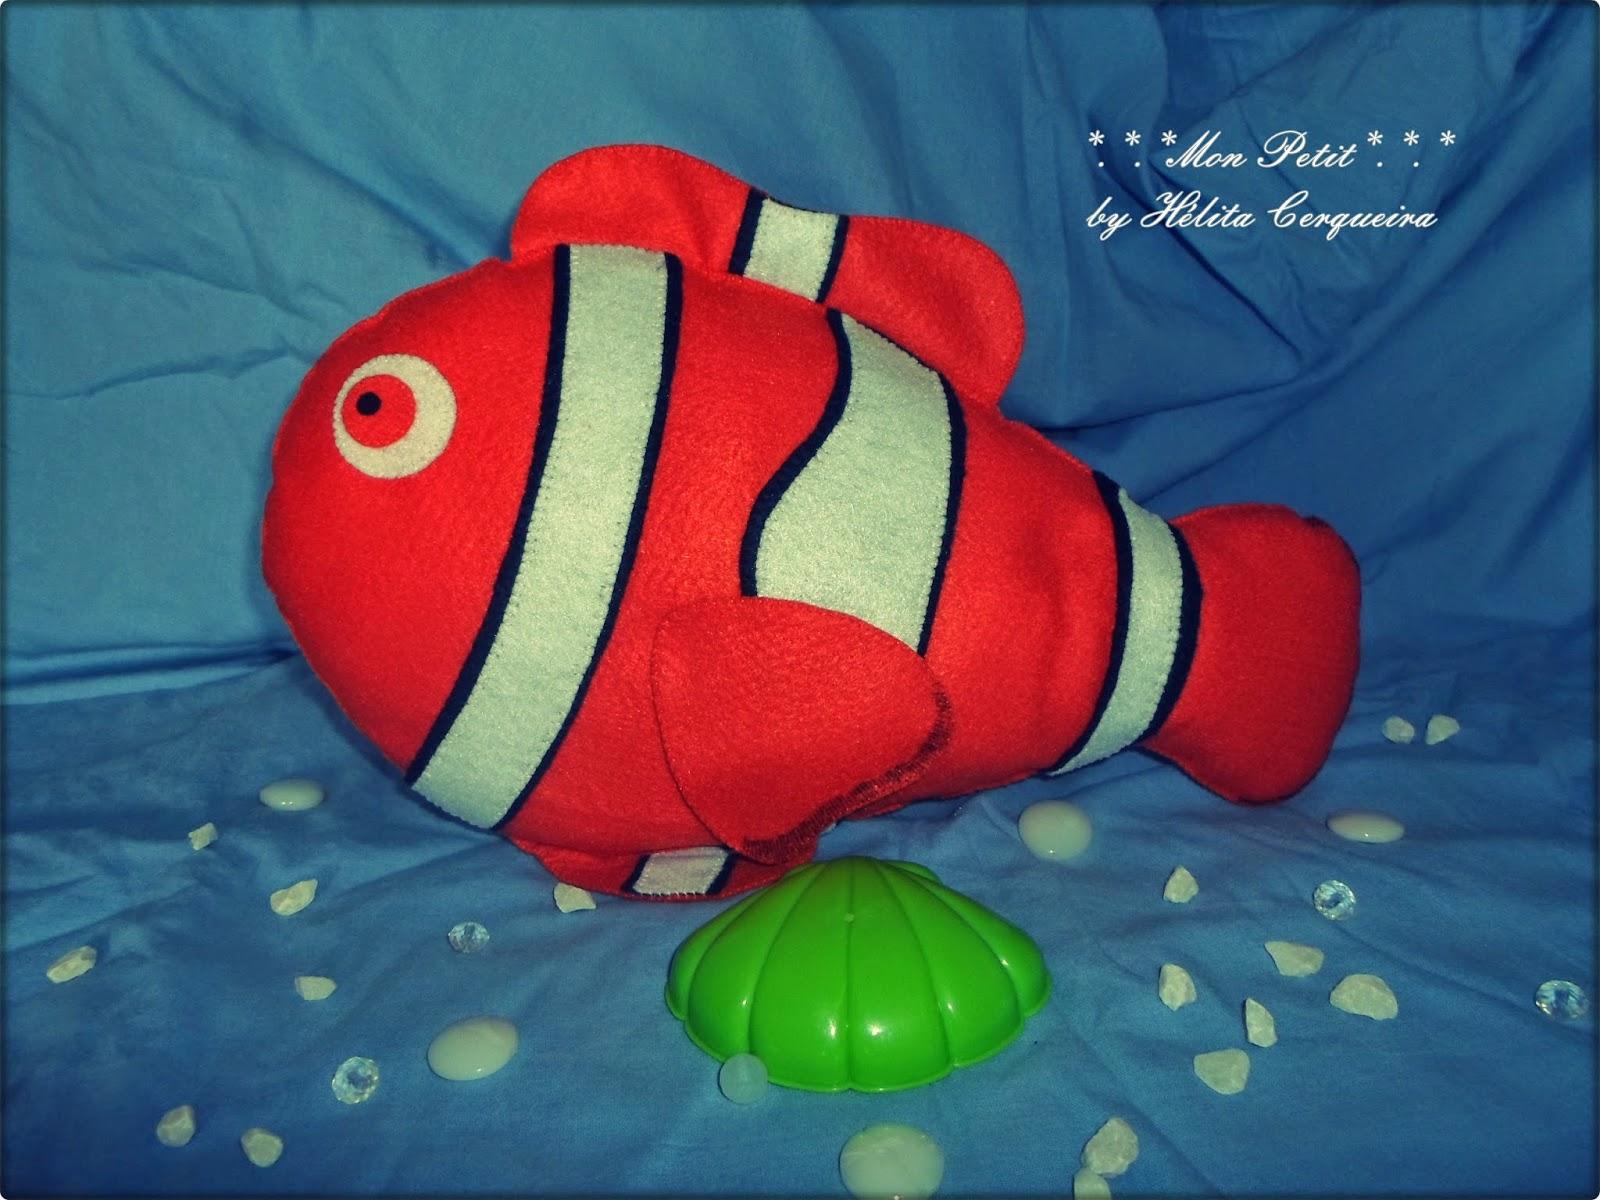 fundo do mar-decoração-aniversário-feltro-pequena sereia-peixe palhaço